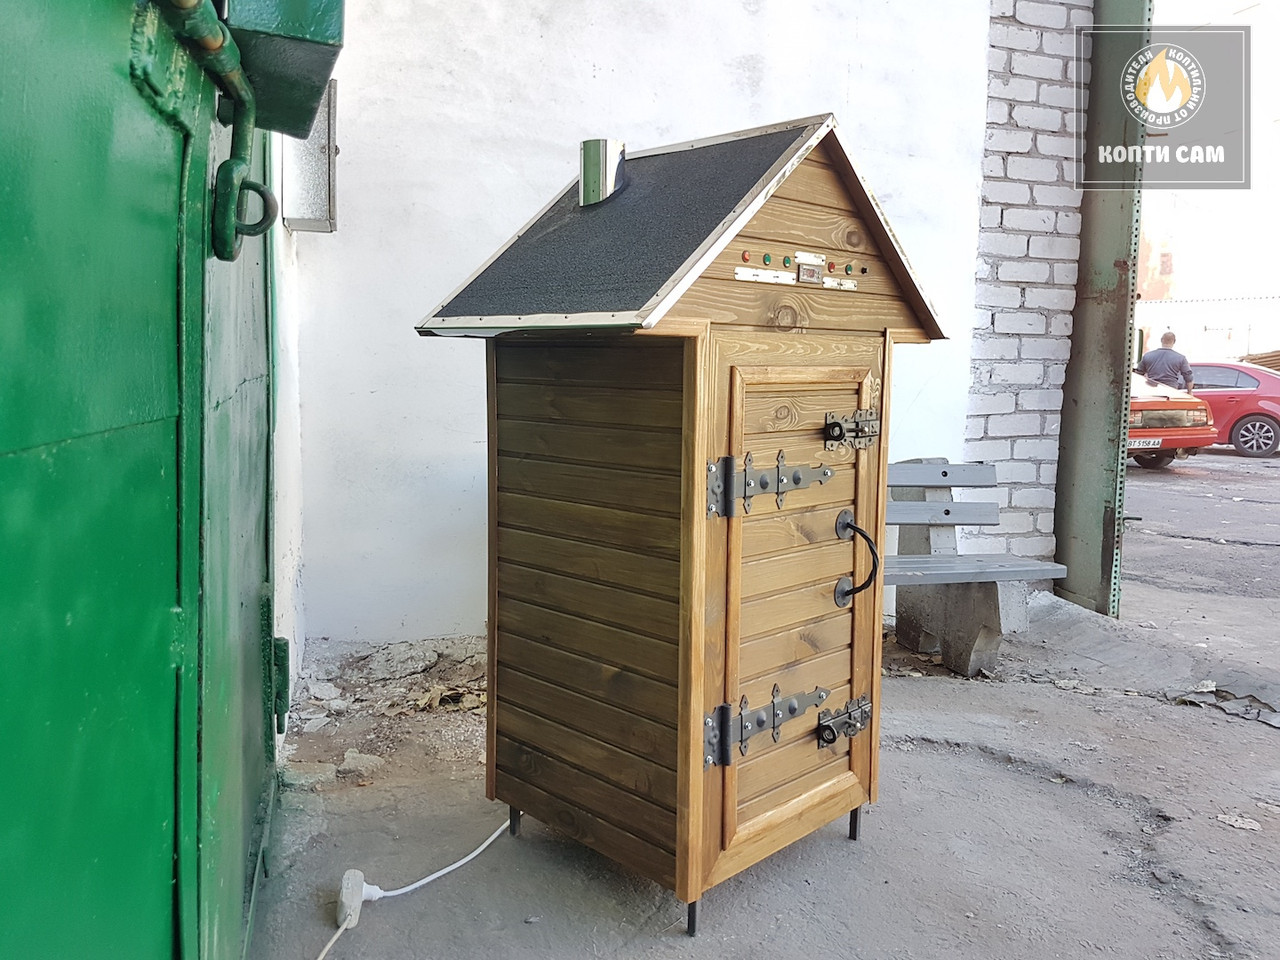 Коптильня холодного копчения купить домиком самогонный аппарат цена в саранске